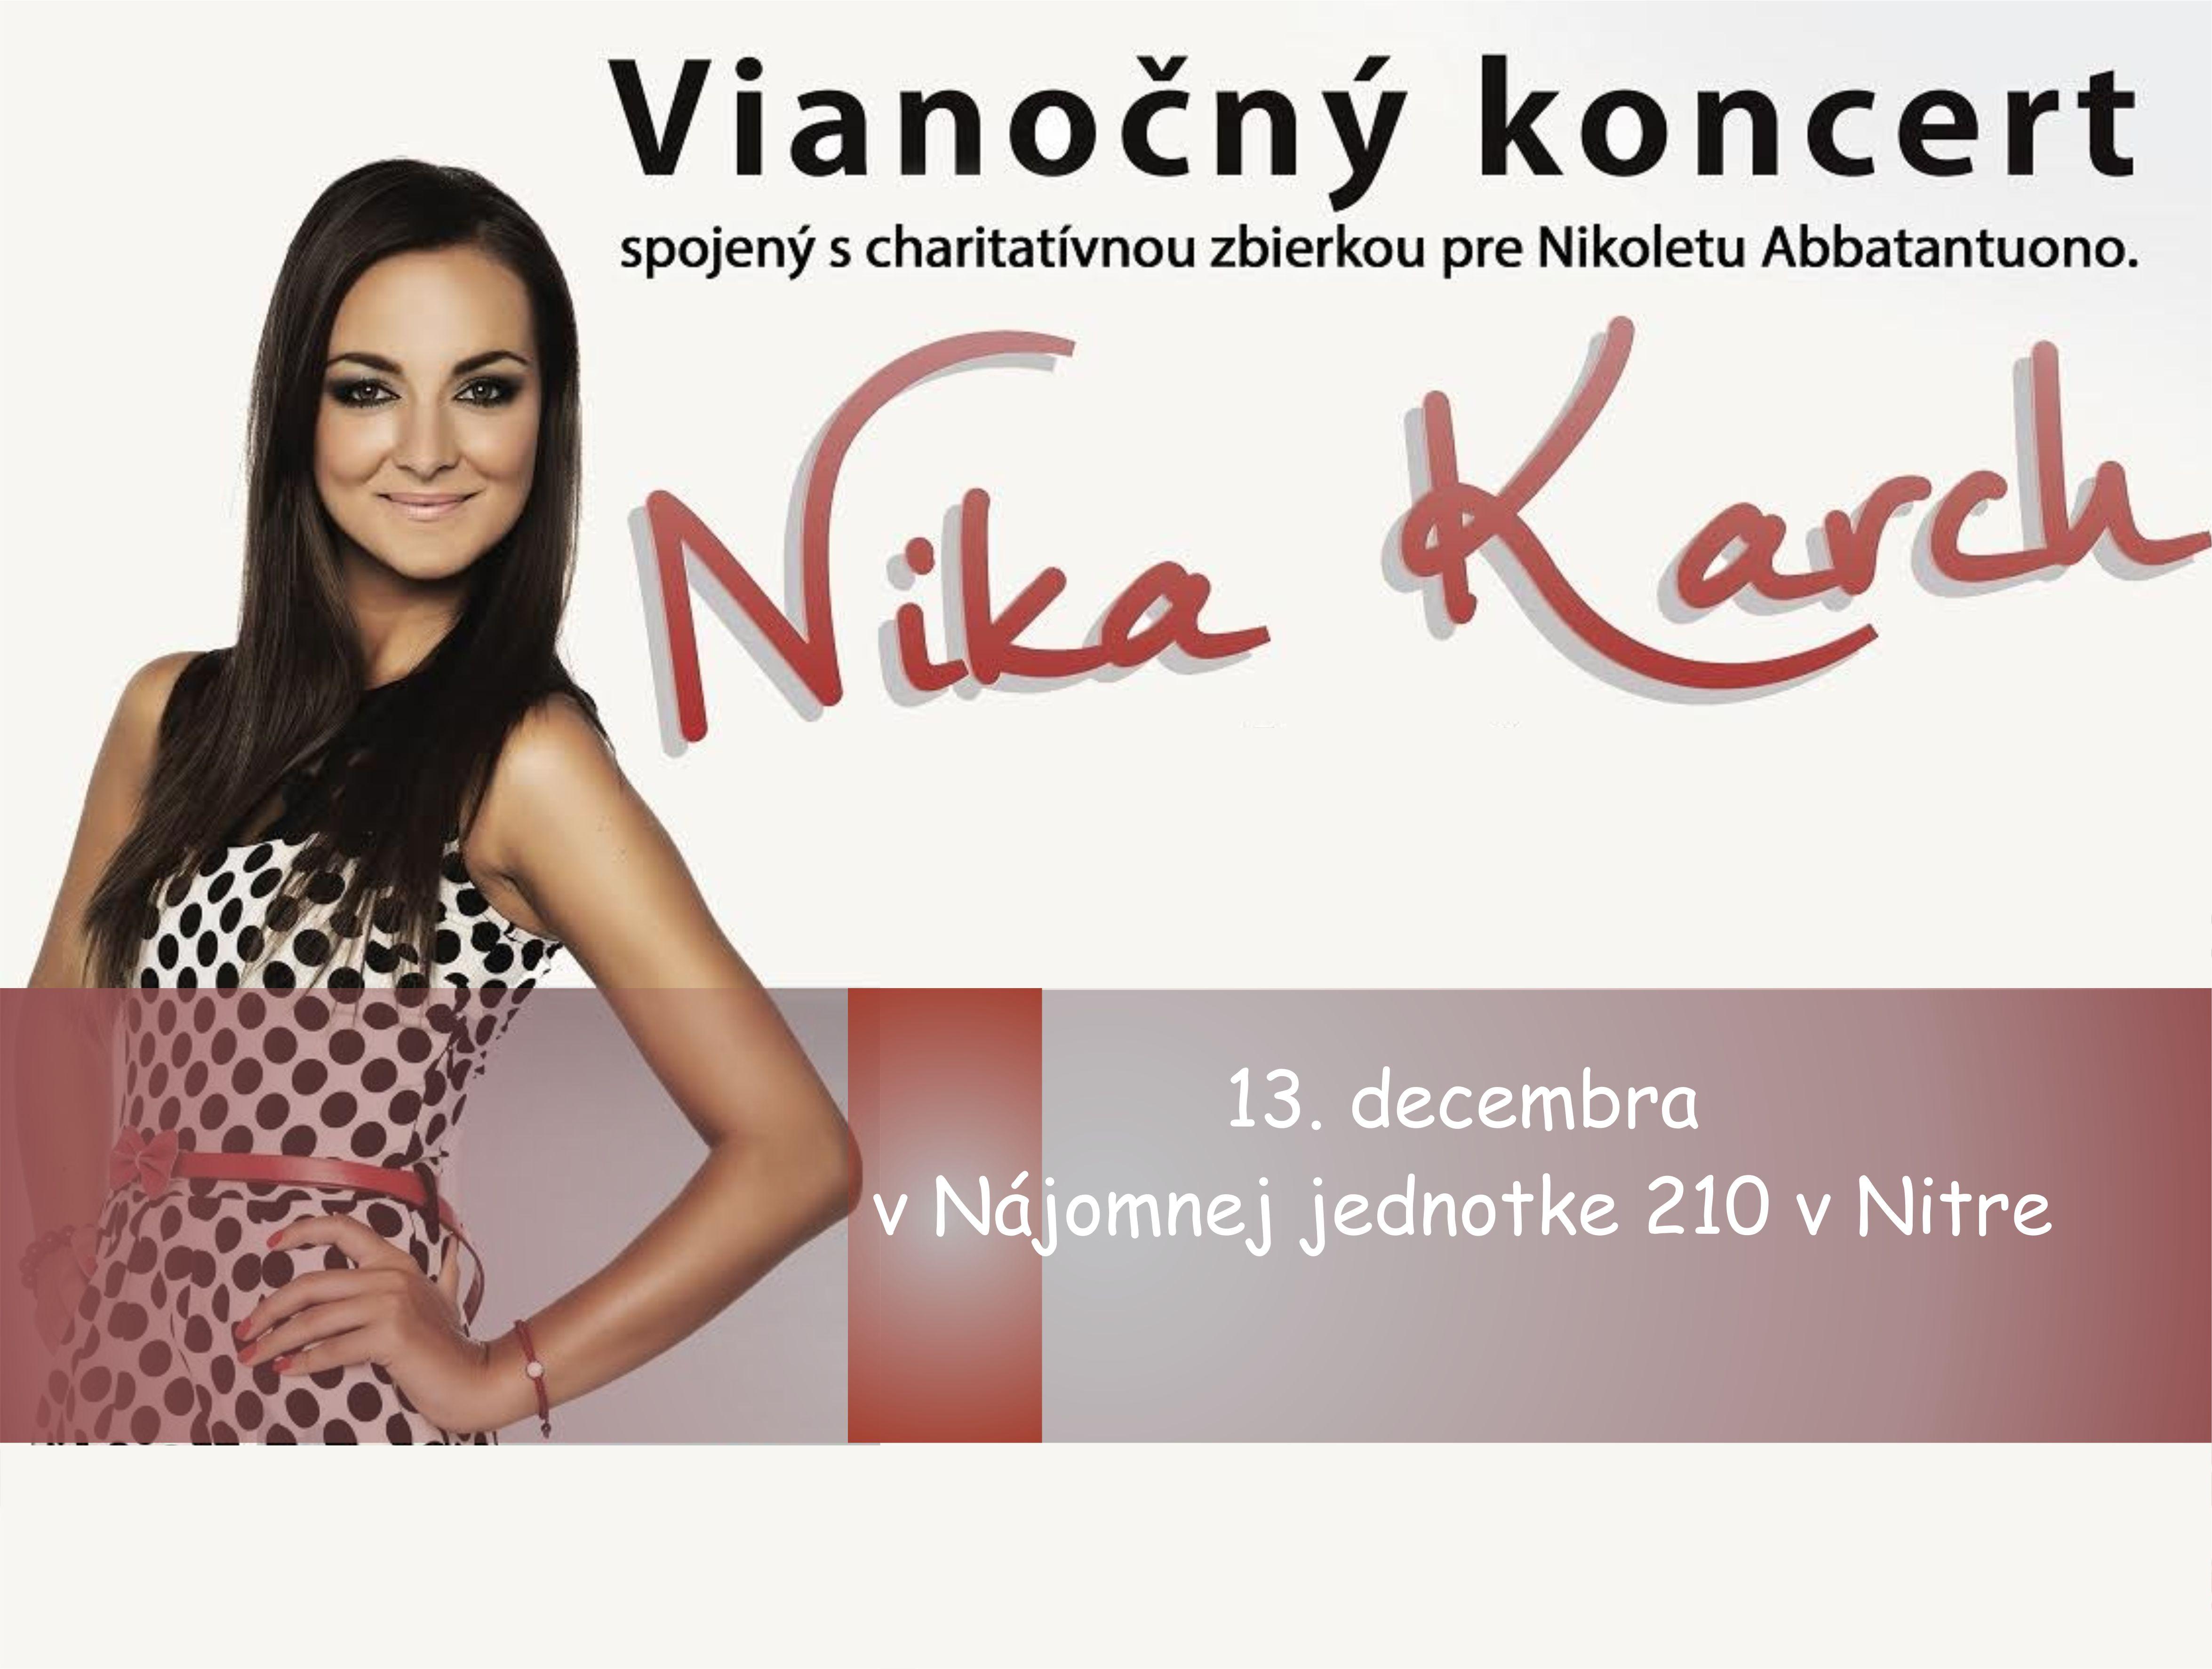 010621f816af Vianočný koncert Nika Karch a hostia  Mário - Kam v meste